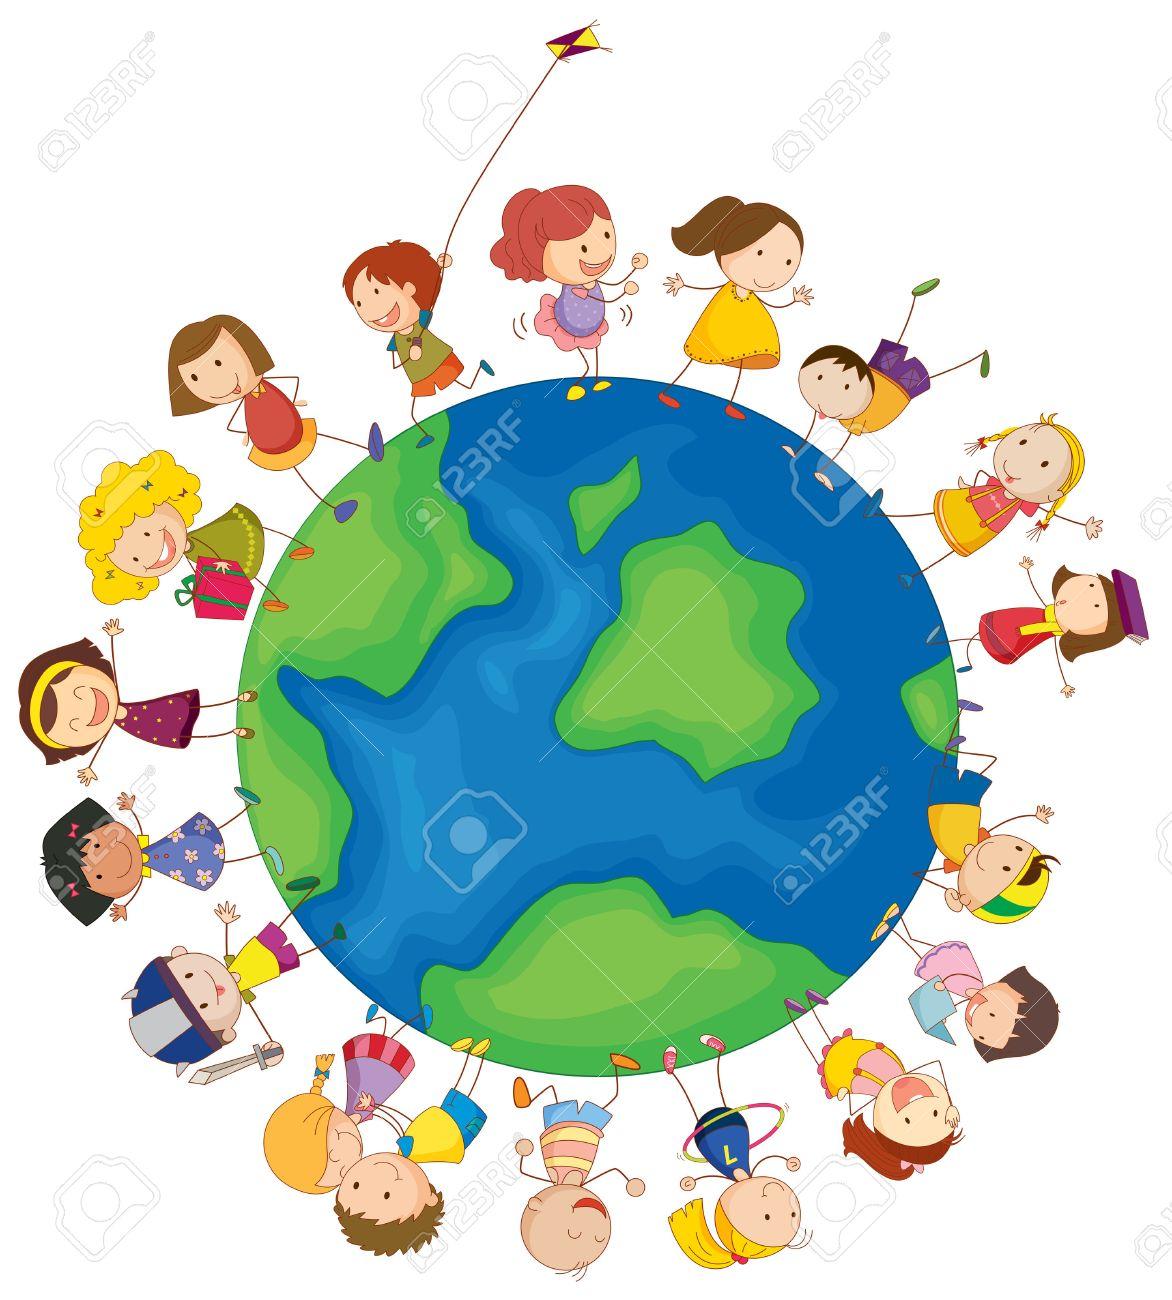 白の背景に世界中の子供たちのイラストのイラスト素材・ベクタ - Image ...